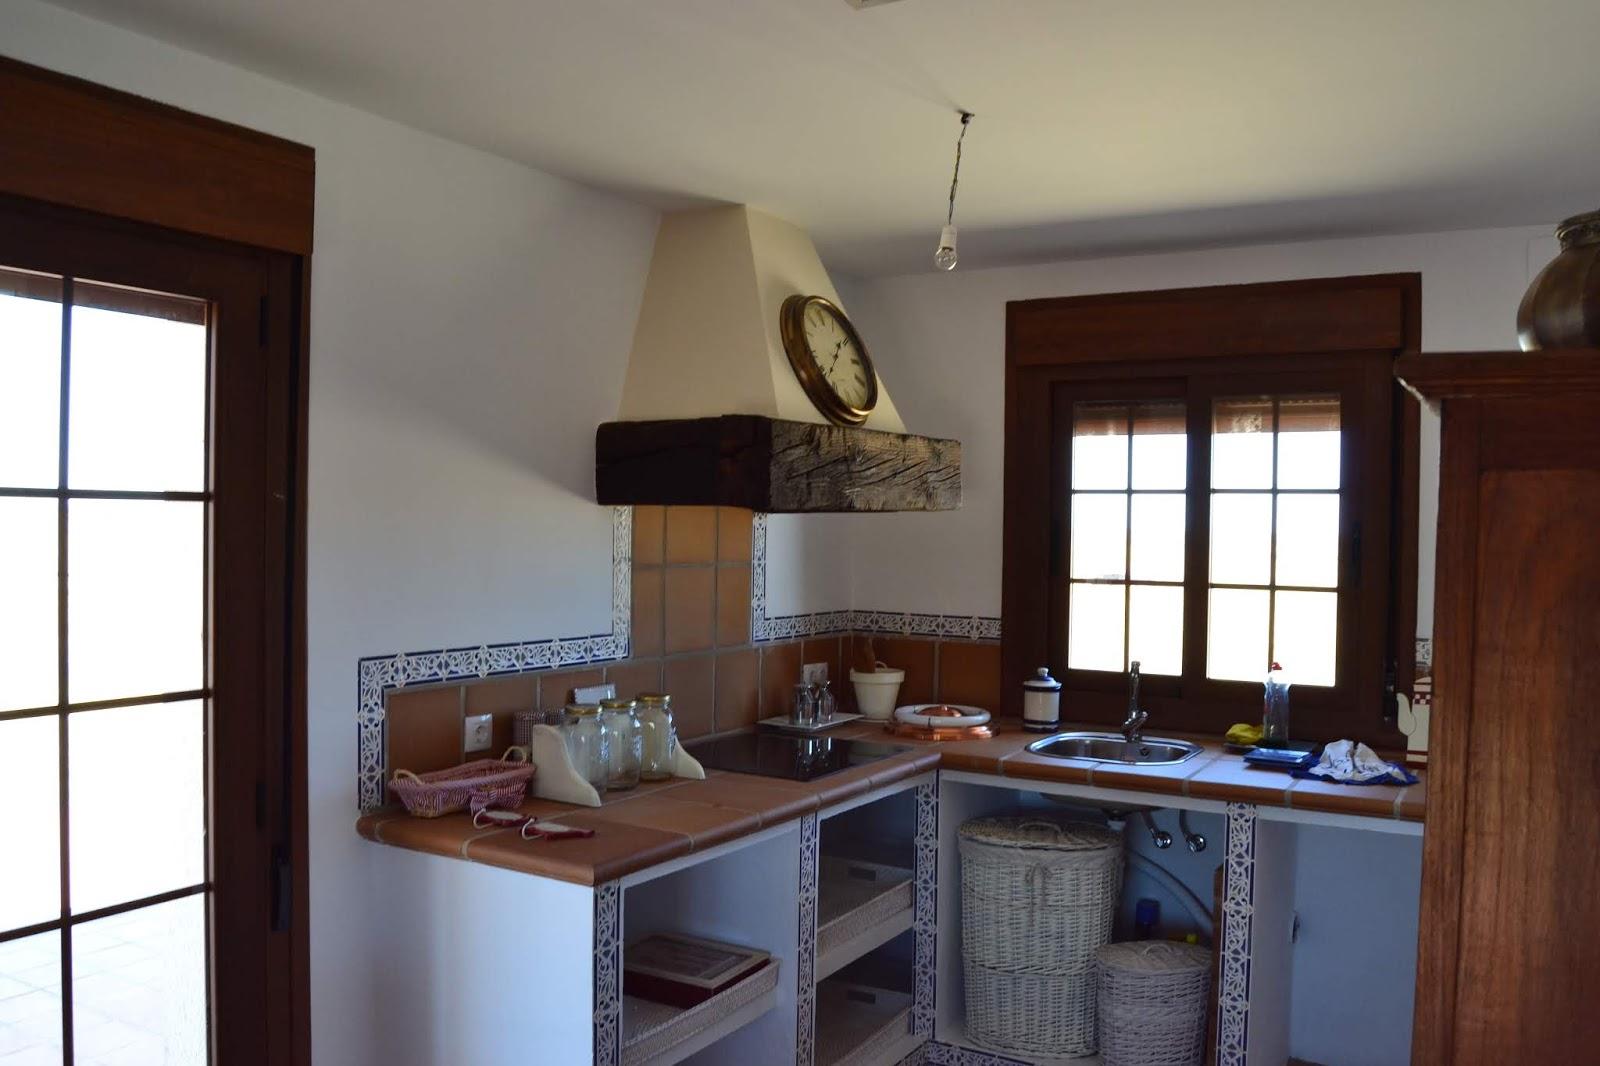 España Construcciones Reformas en Casar de Cáceres Pavón Galeano